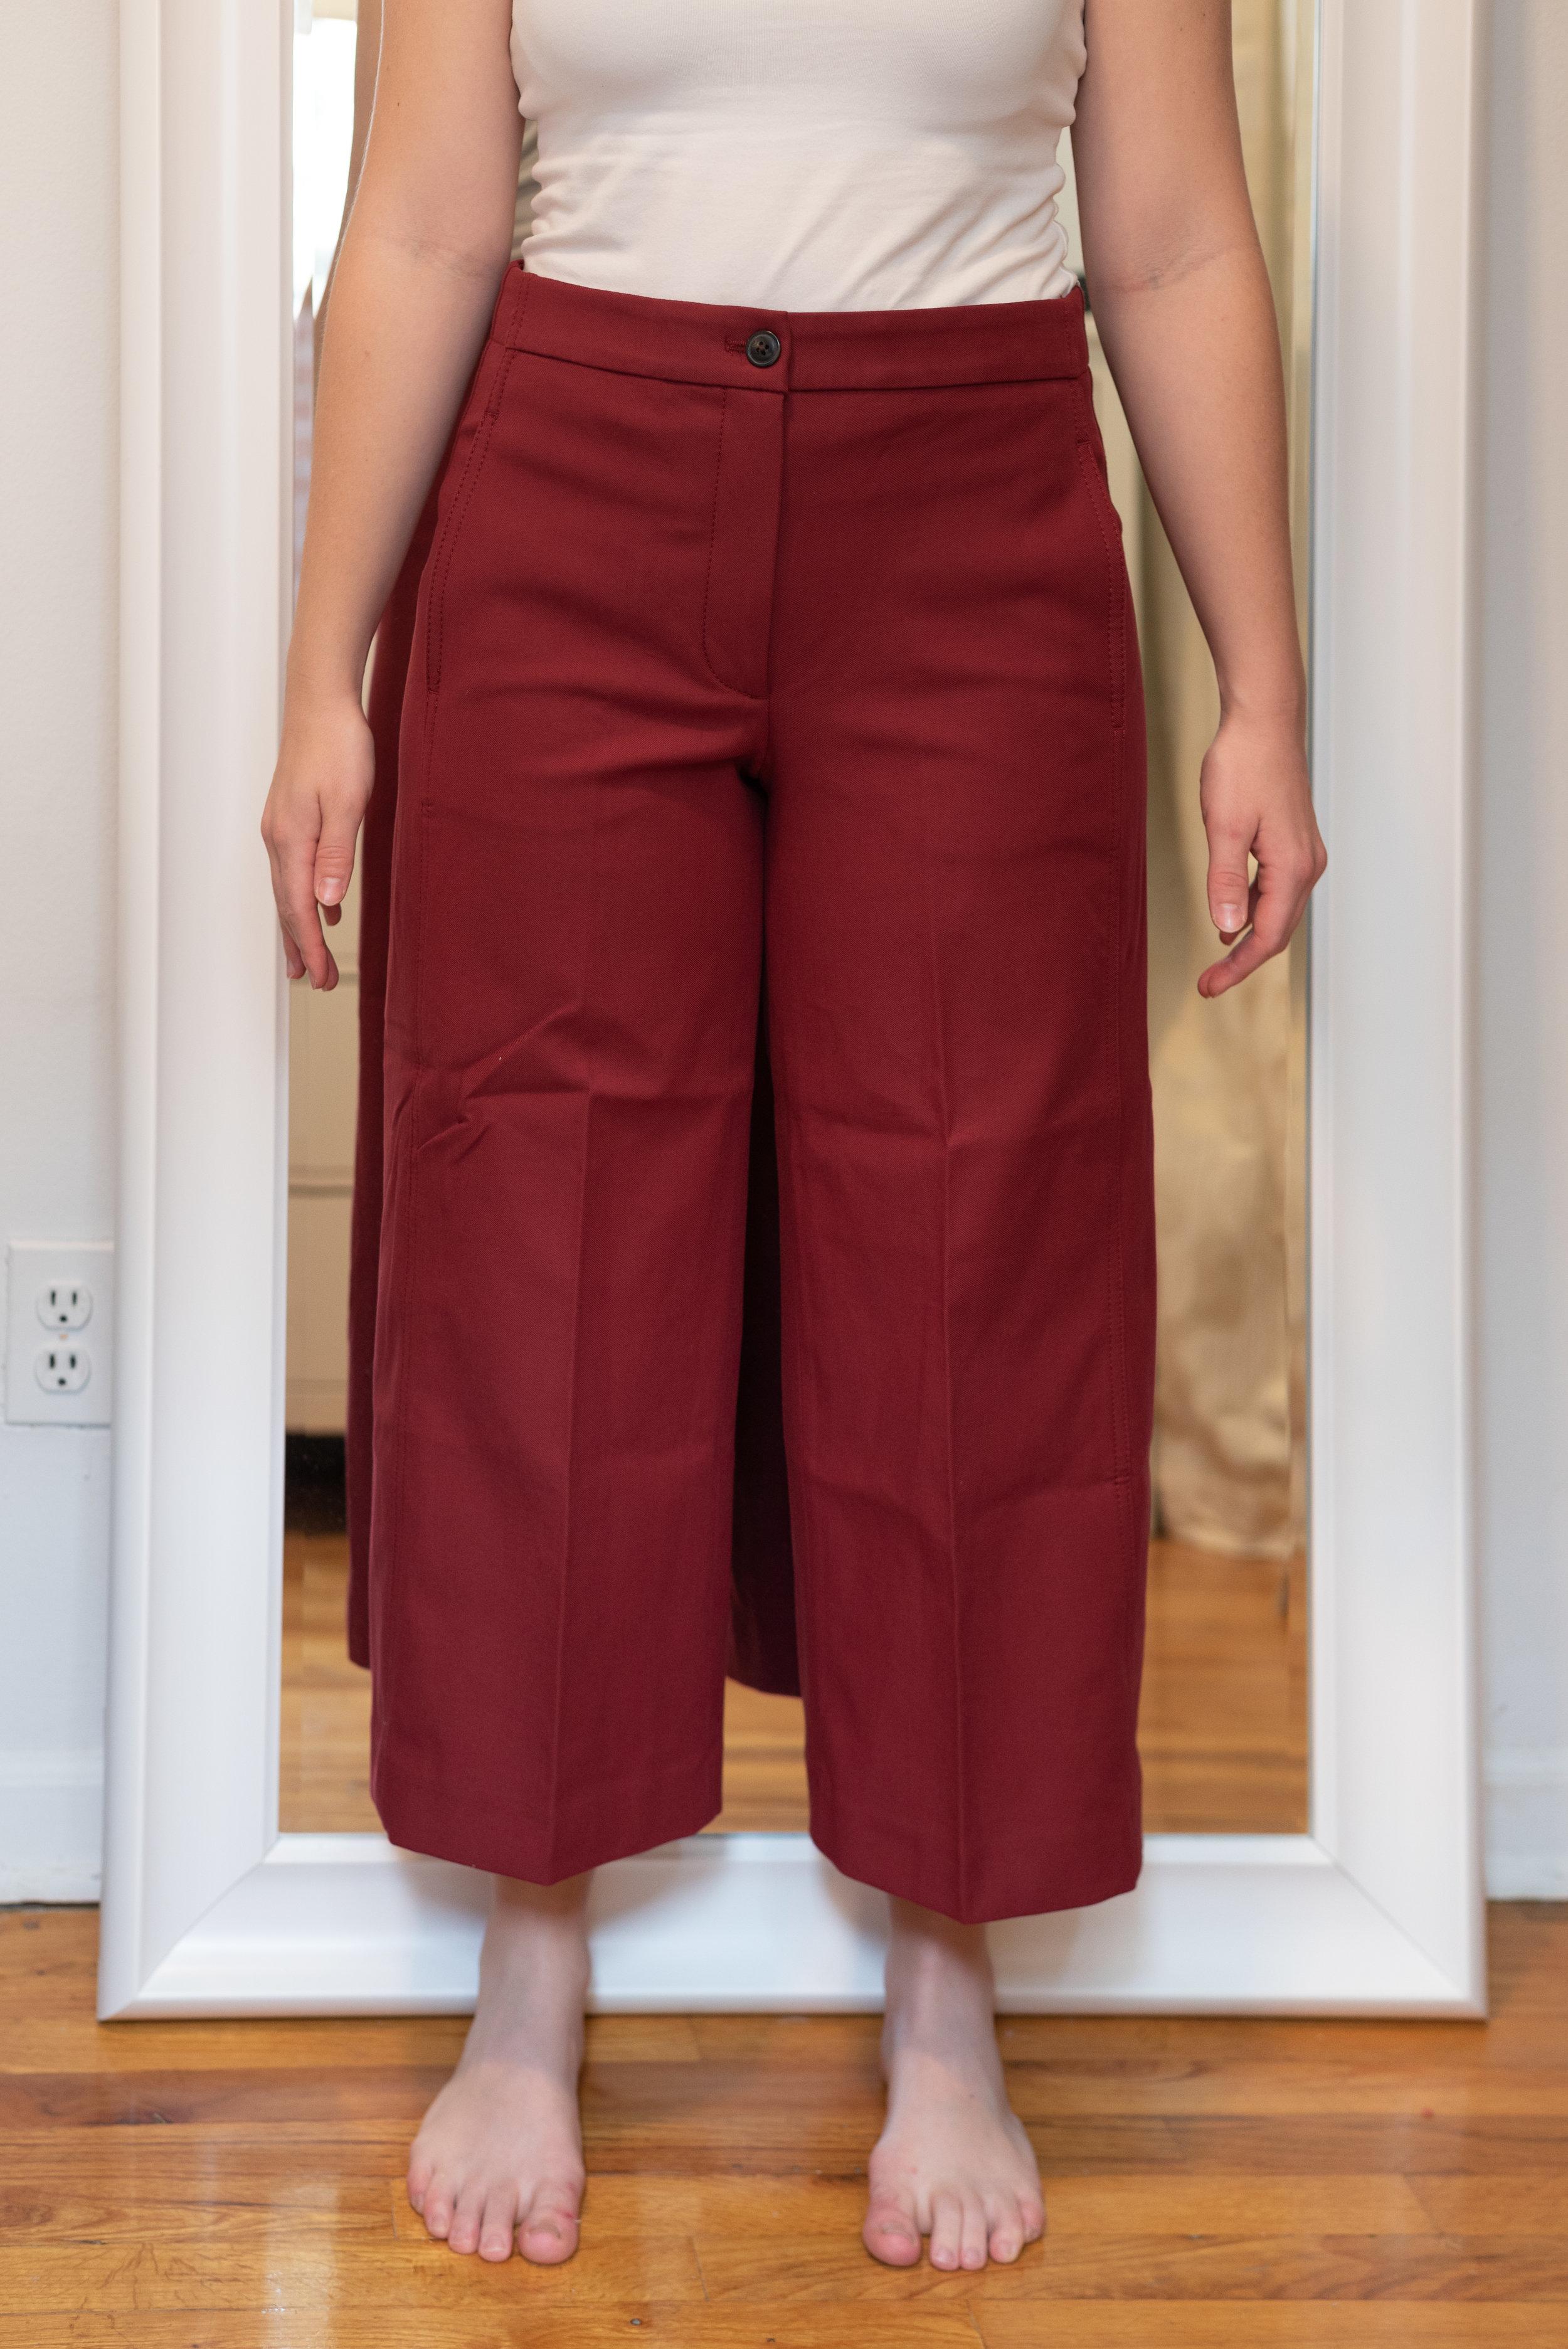 Ann Taylor Petite Marina Wide Leg Cropped Pant - Size 6 Petite